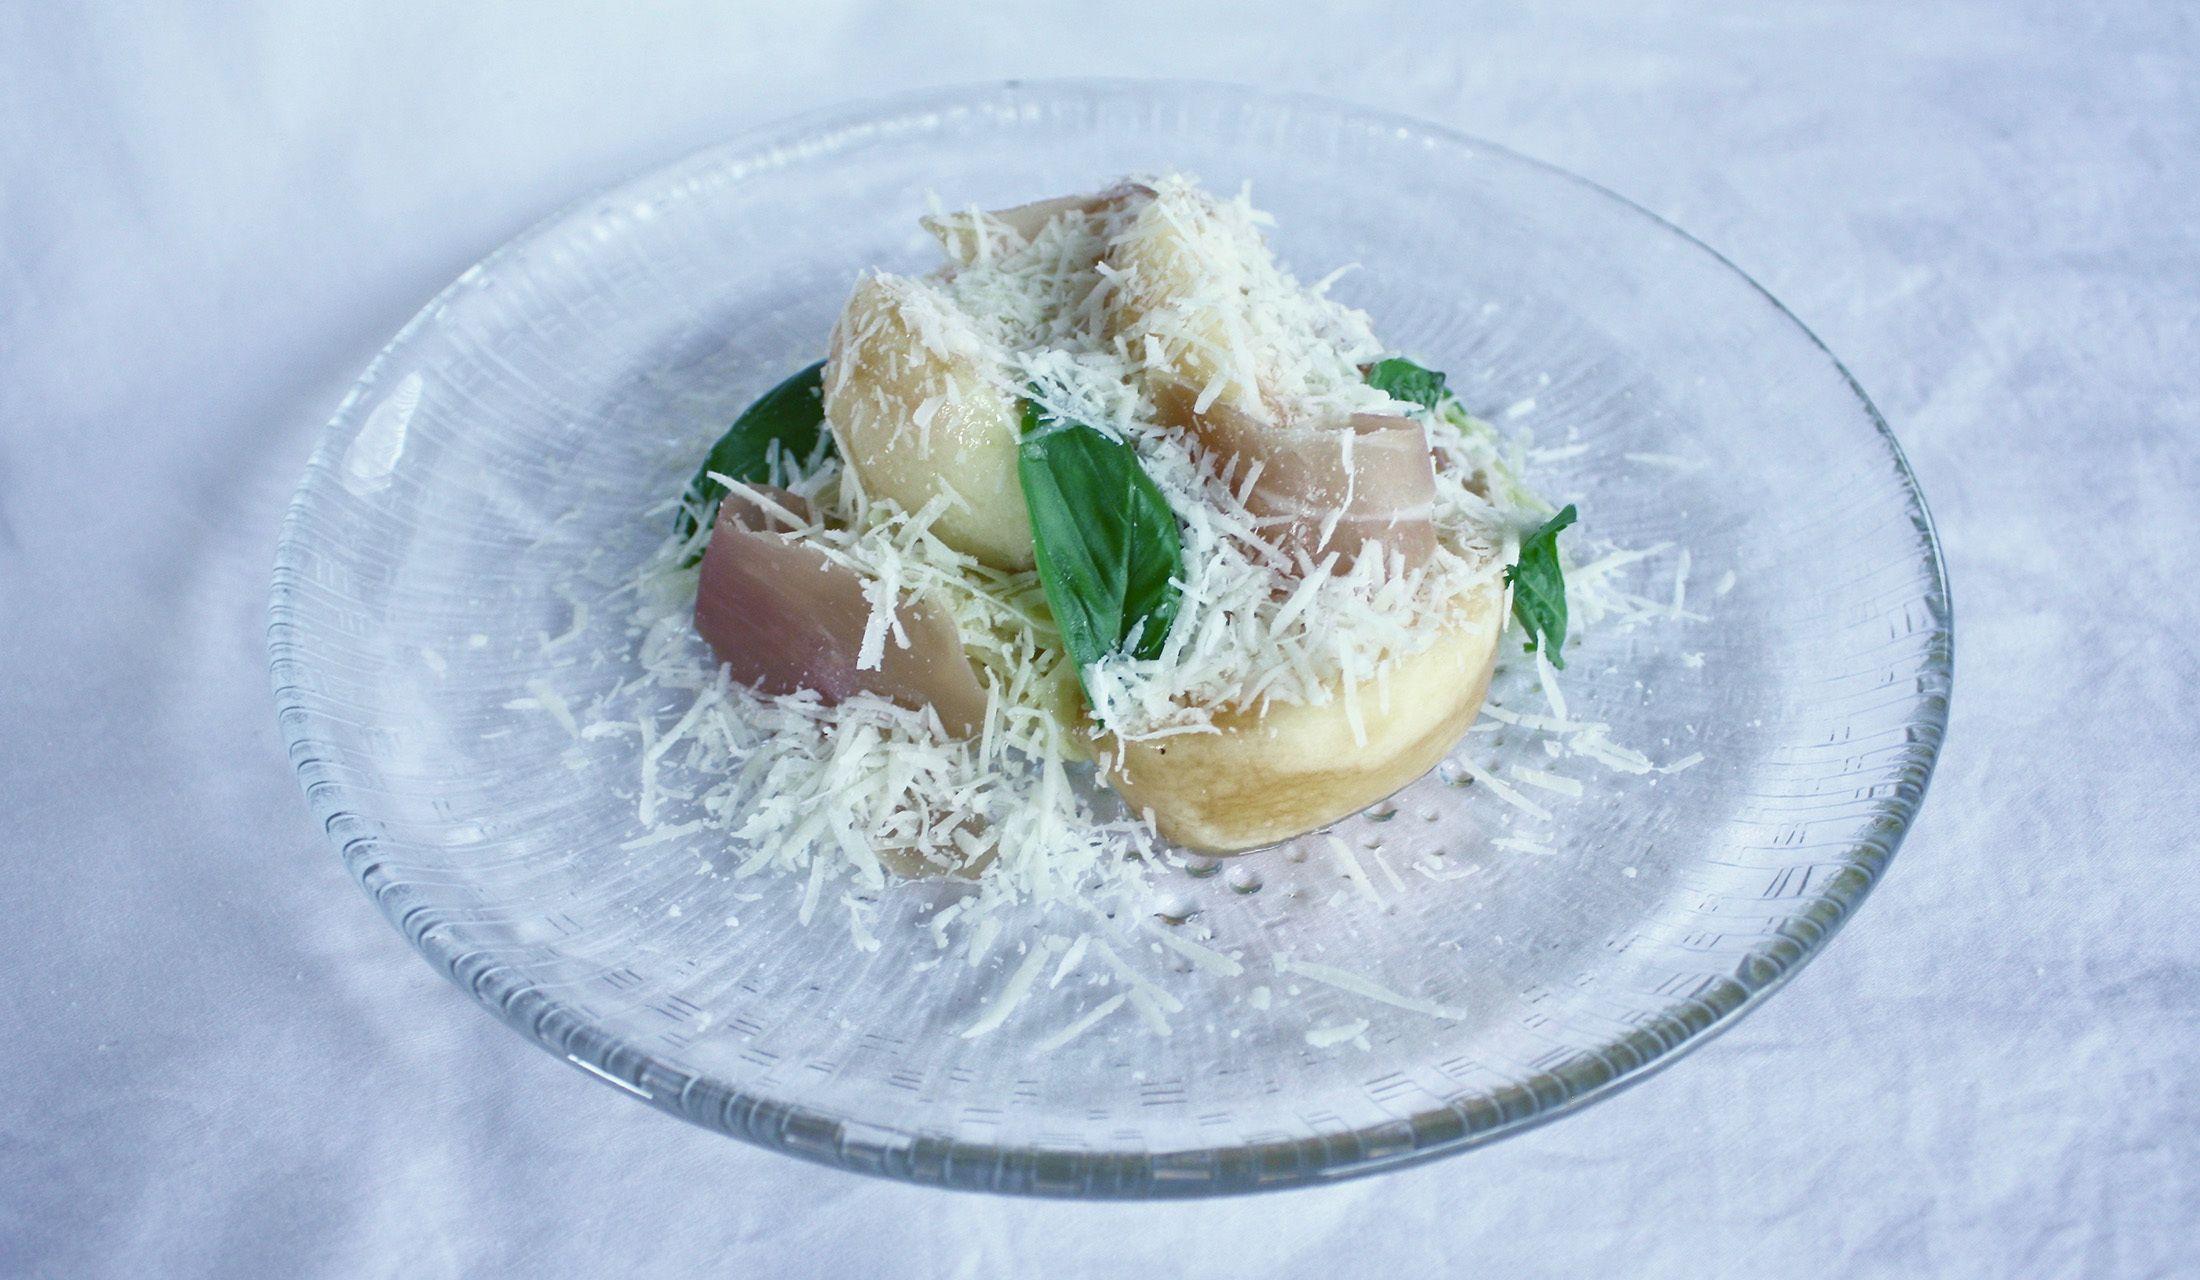 【レシピ】桃と生ハムの冷製パスタ